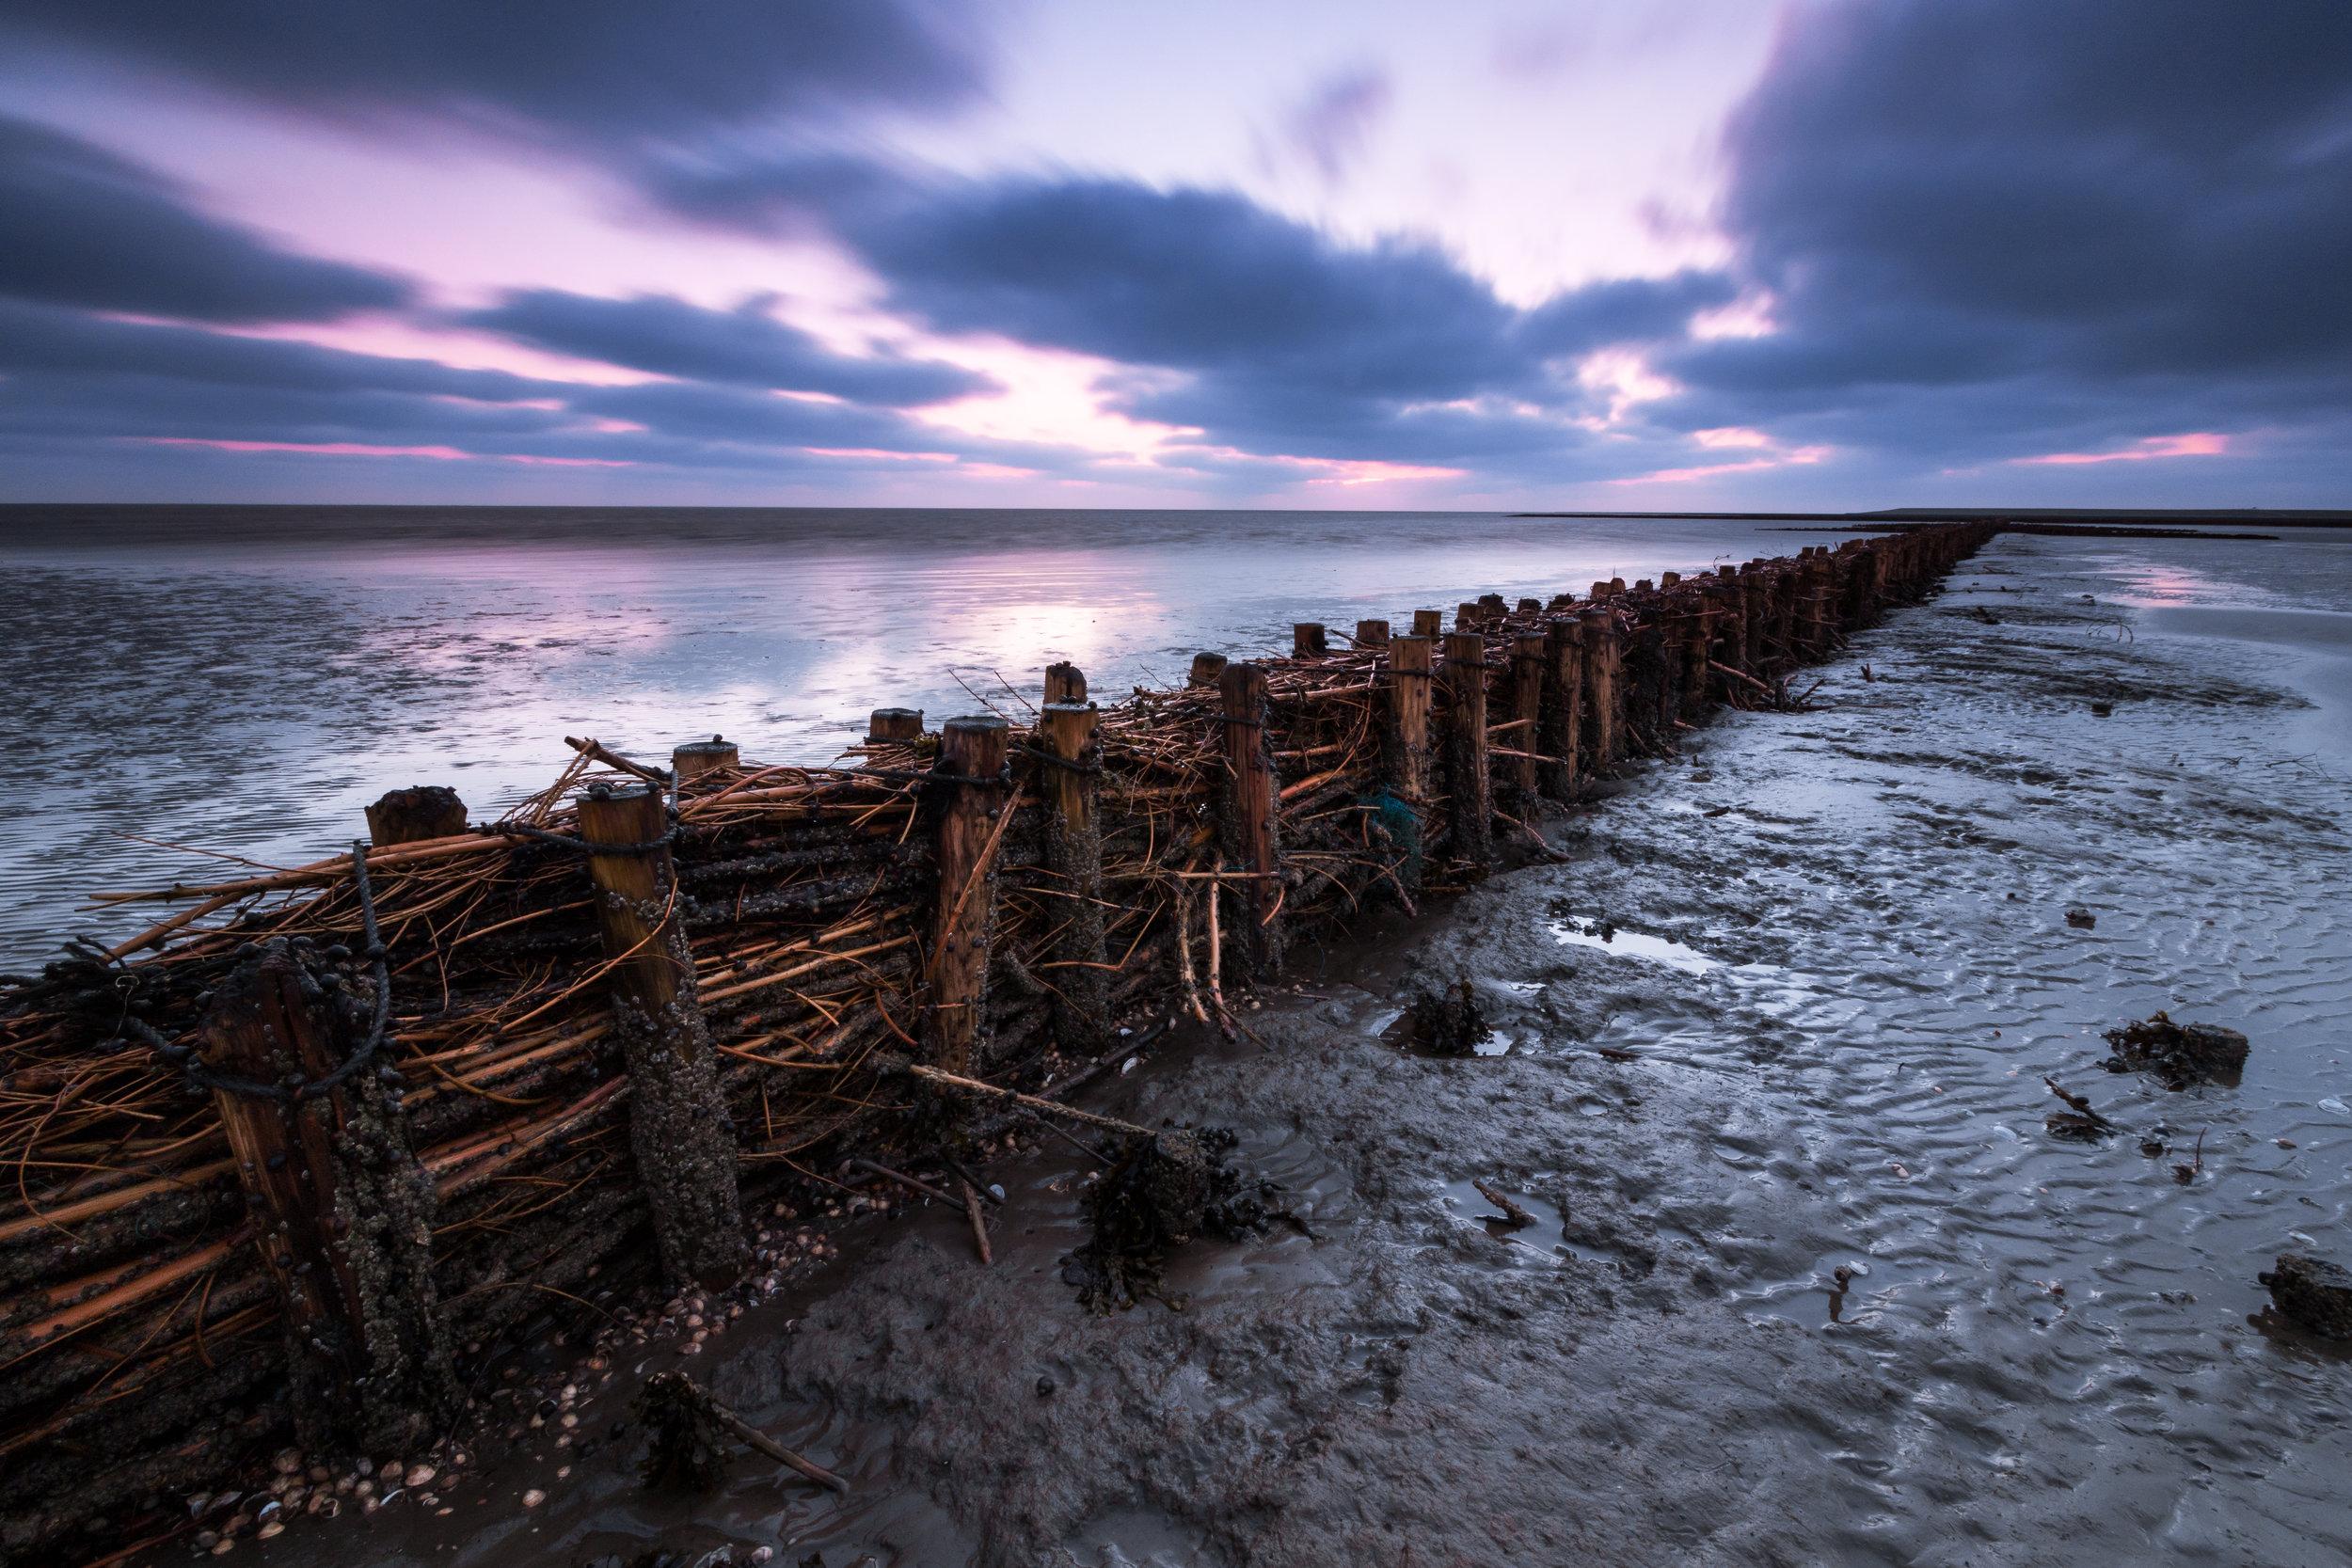 Nordsee.jpg